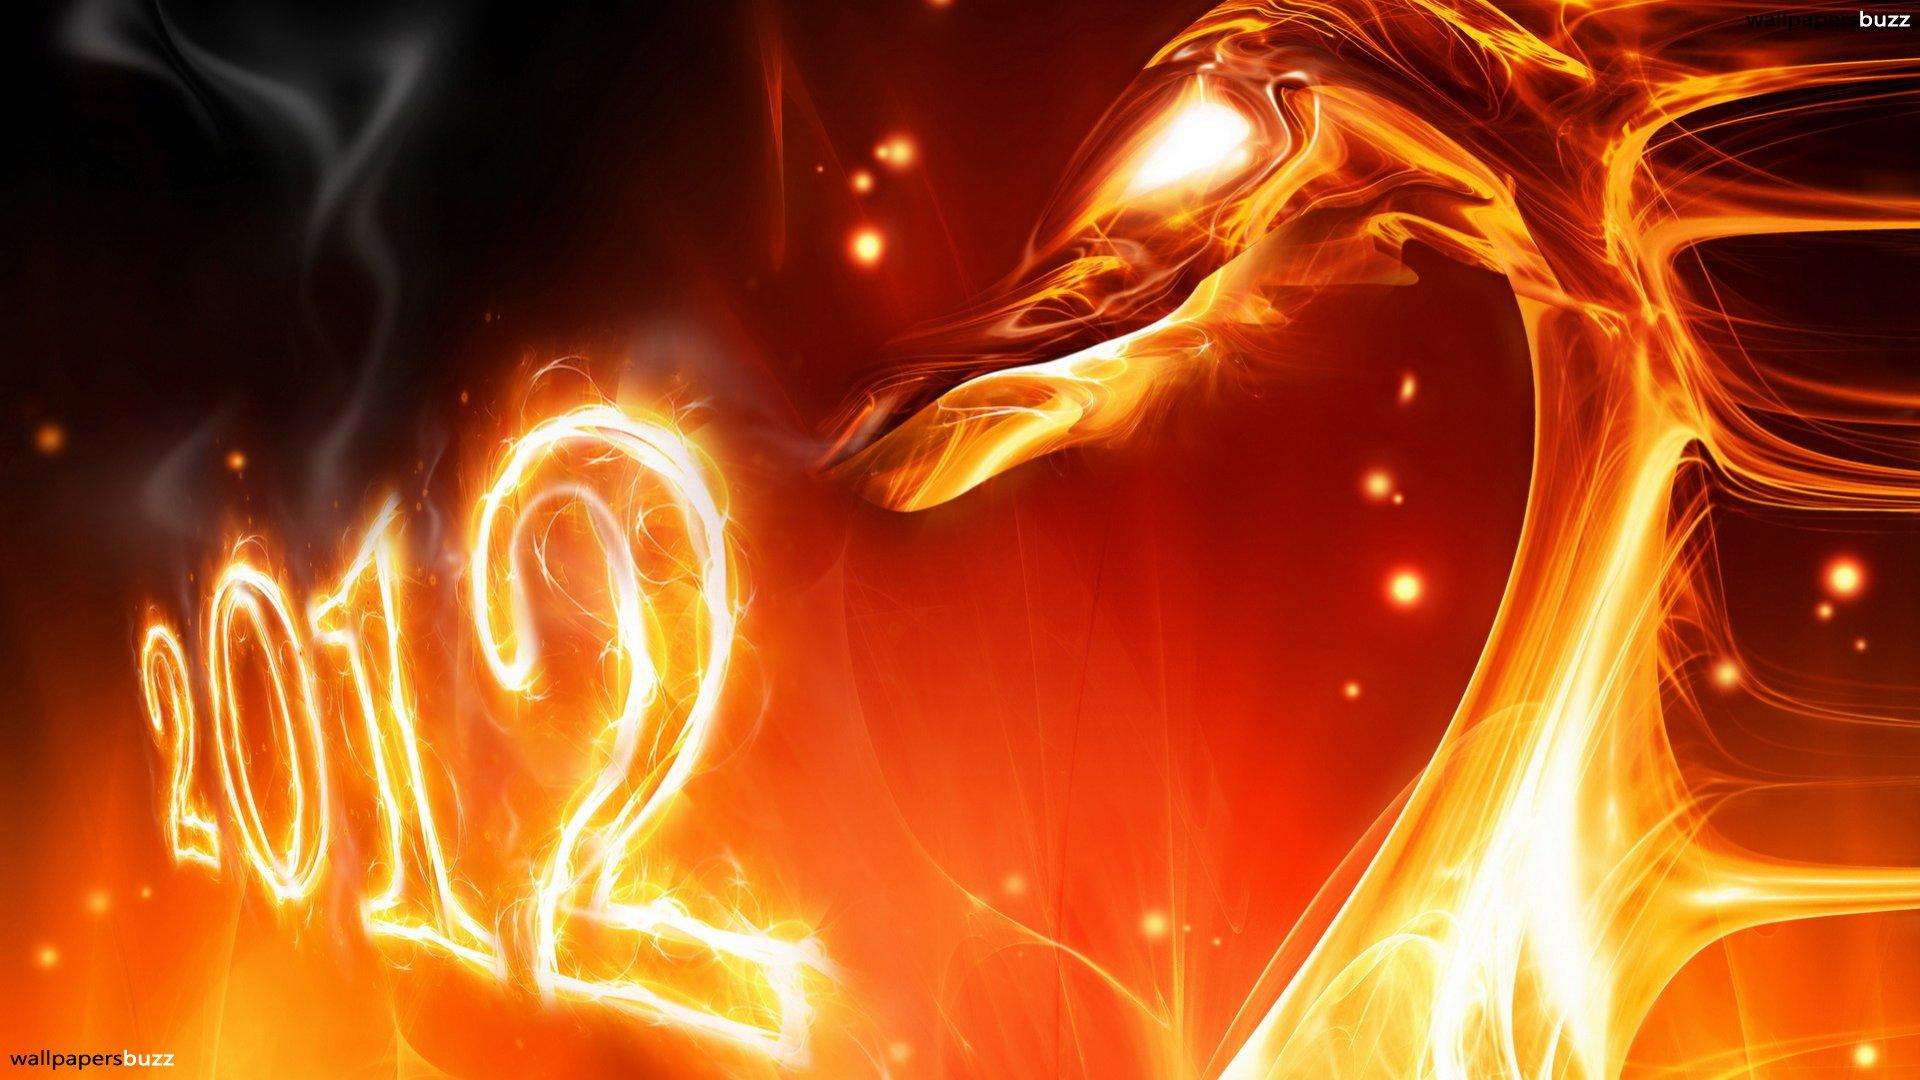 fire dragon 2012, год огненного дракона 2012б скачать обои для рабочего стола